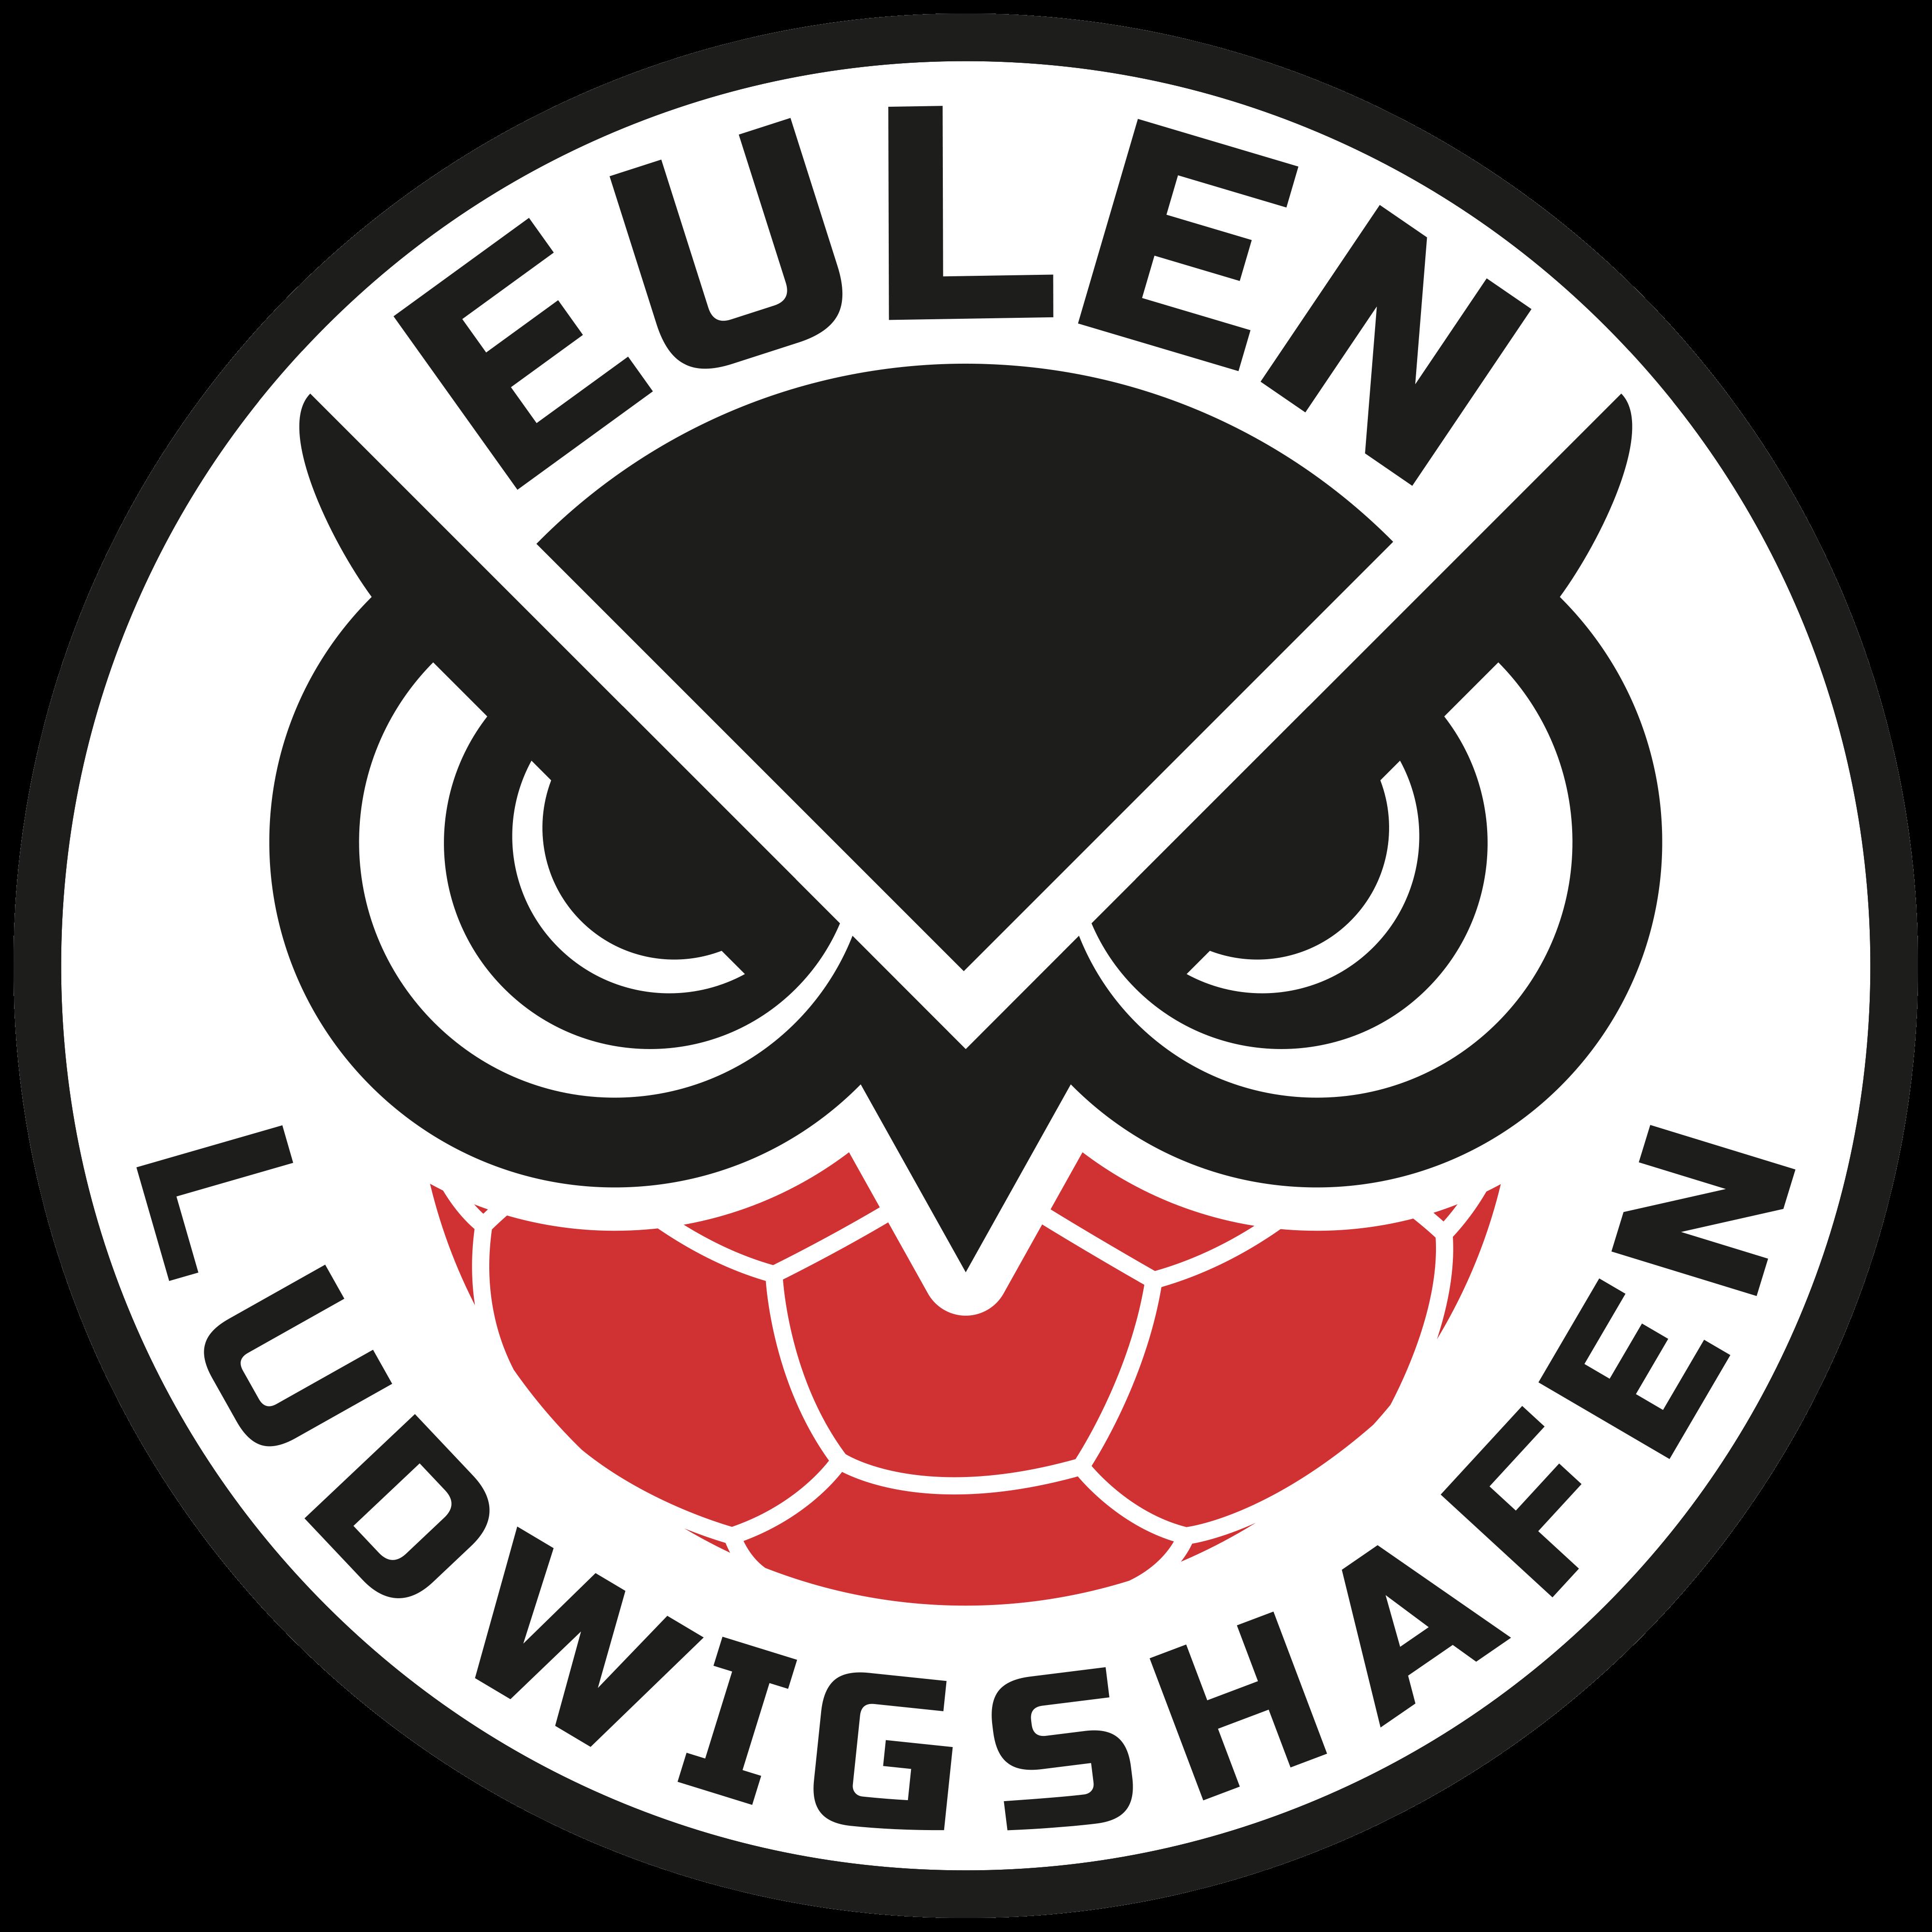 eulen_logo_20_logo